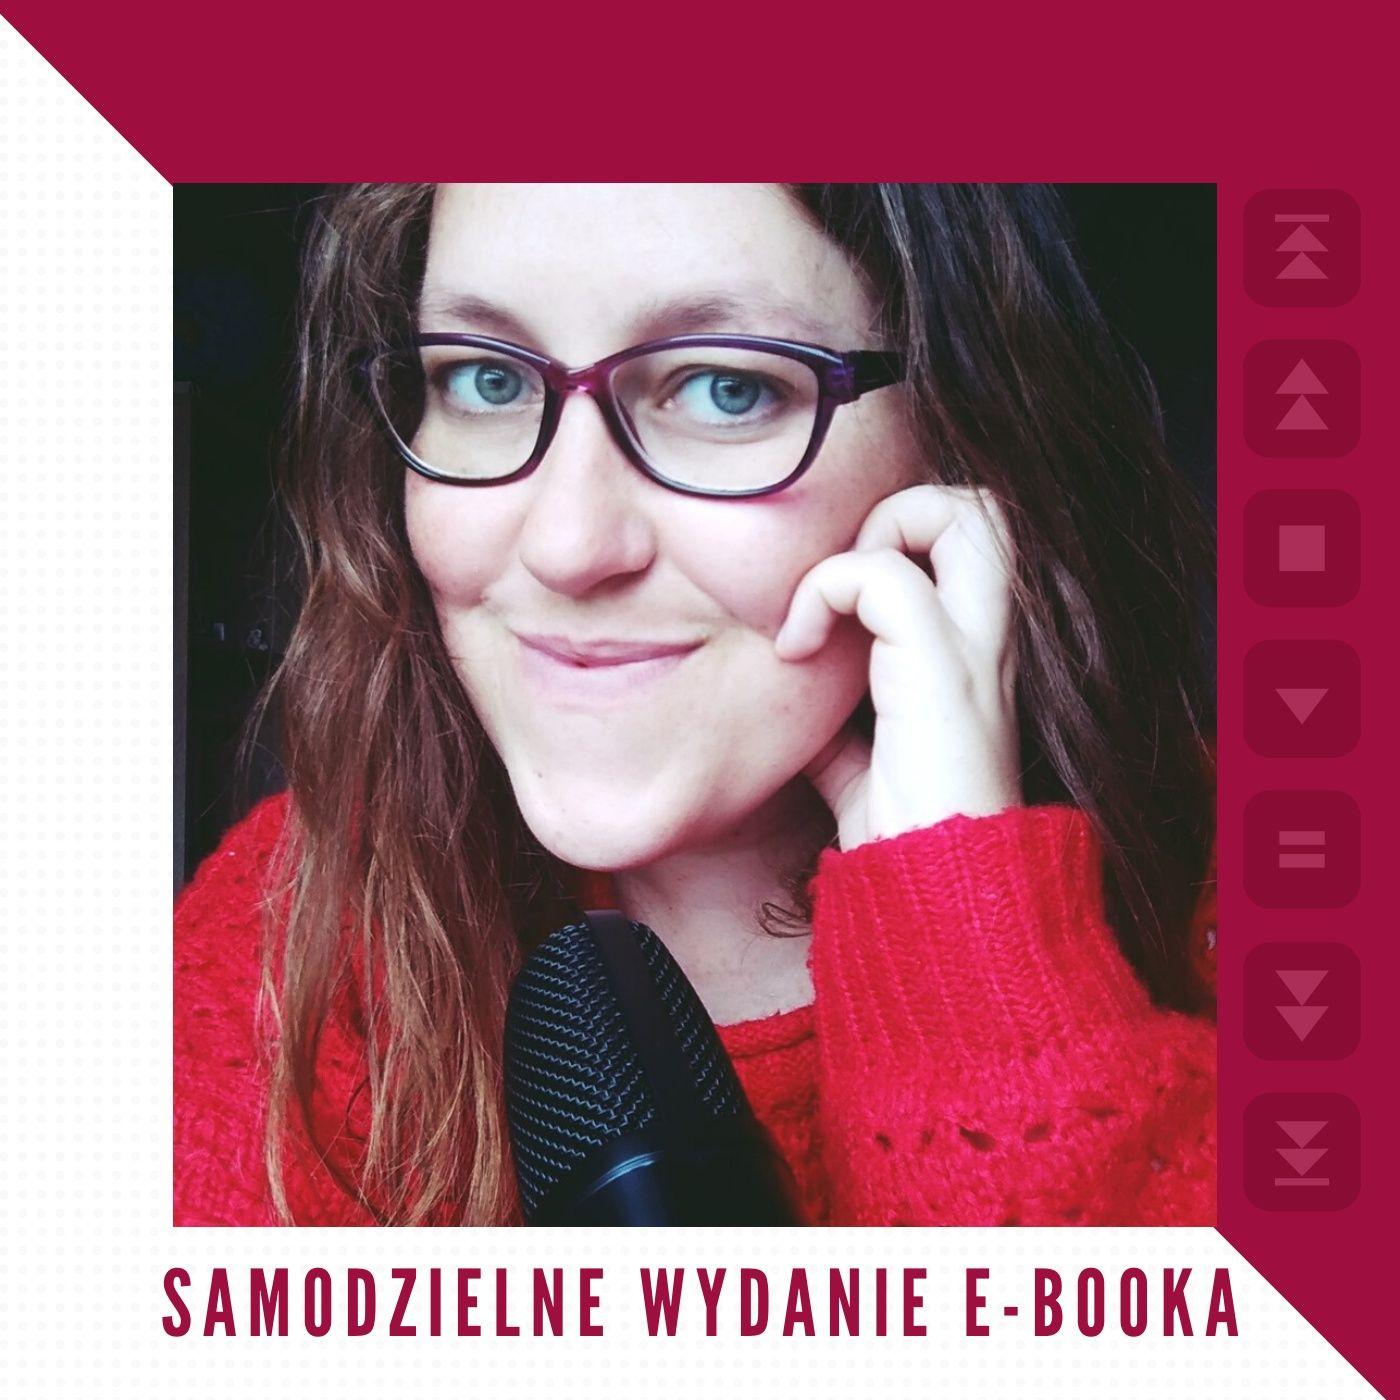 Samodzielne wydanie e-booka - Blog Firma #9